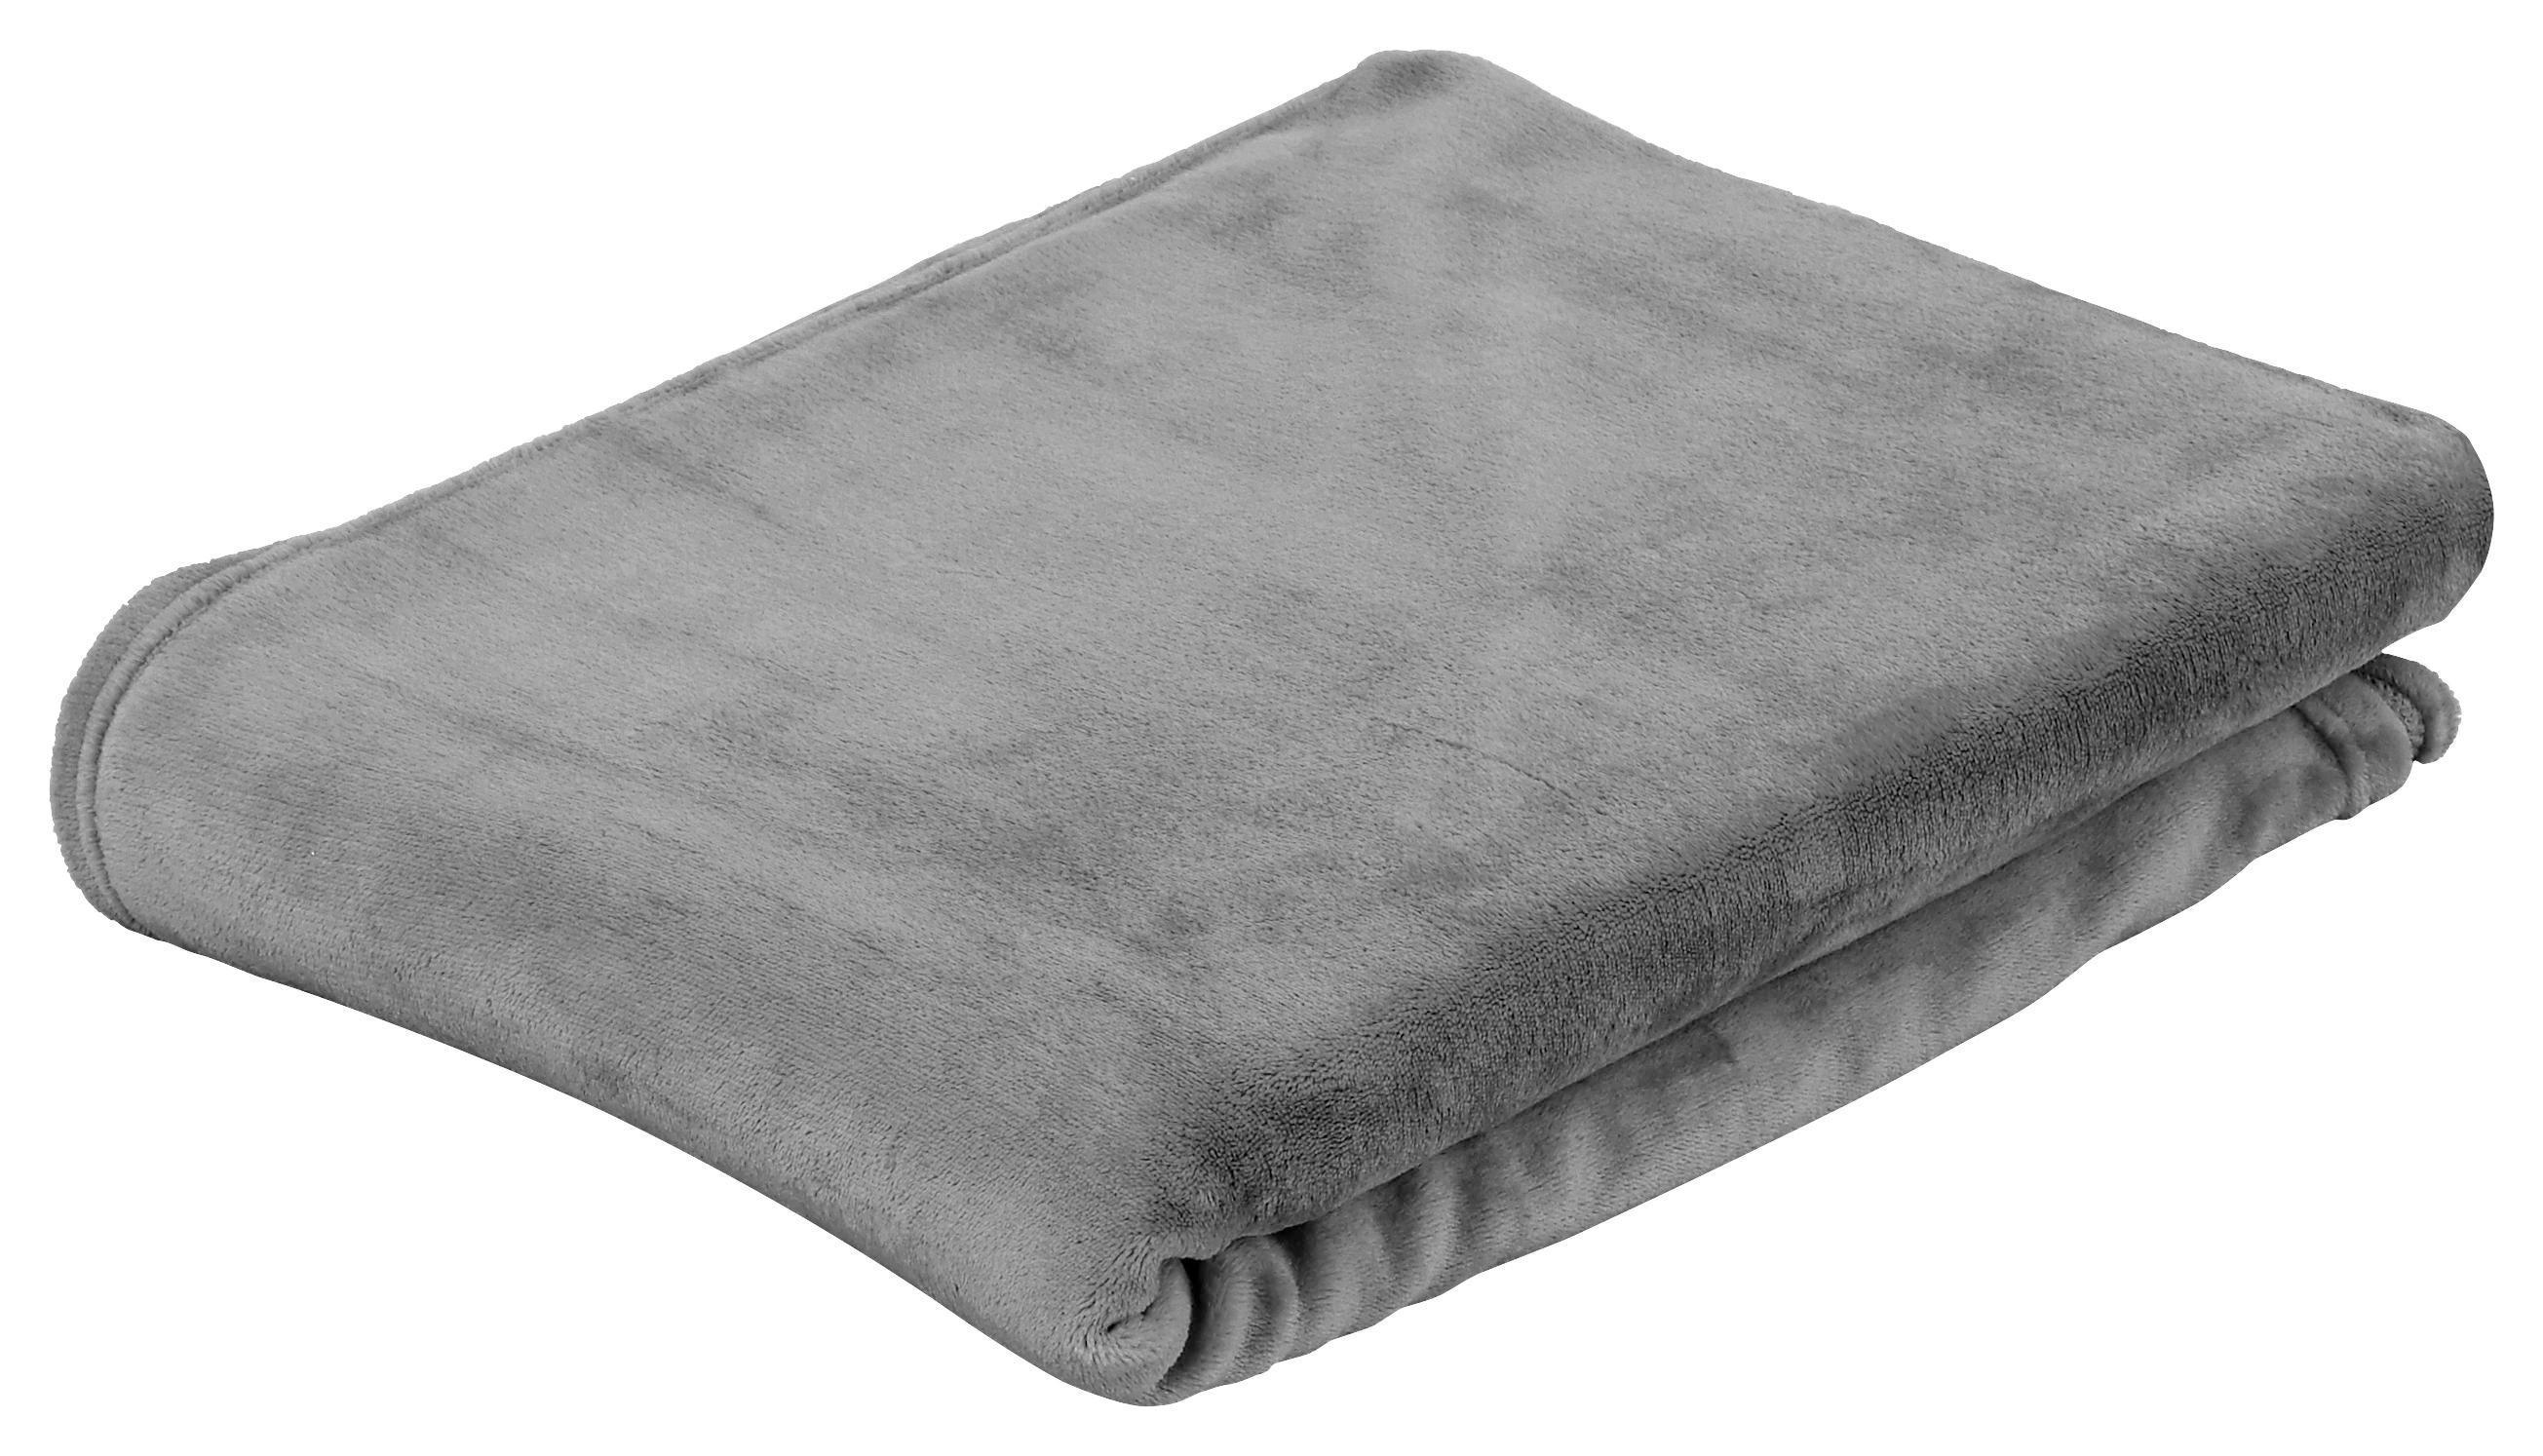 Puha Takaró Marlies - szürke, konvencionális, textil (150/200cm) - LUCA BESSONI